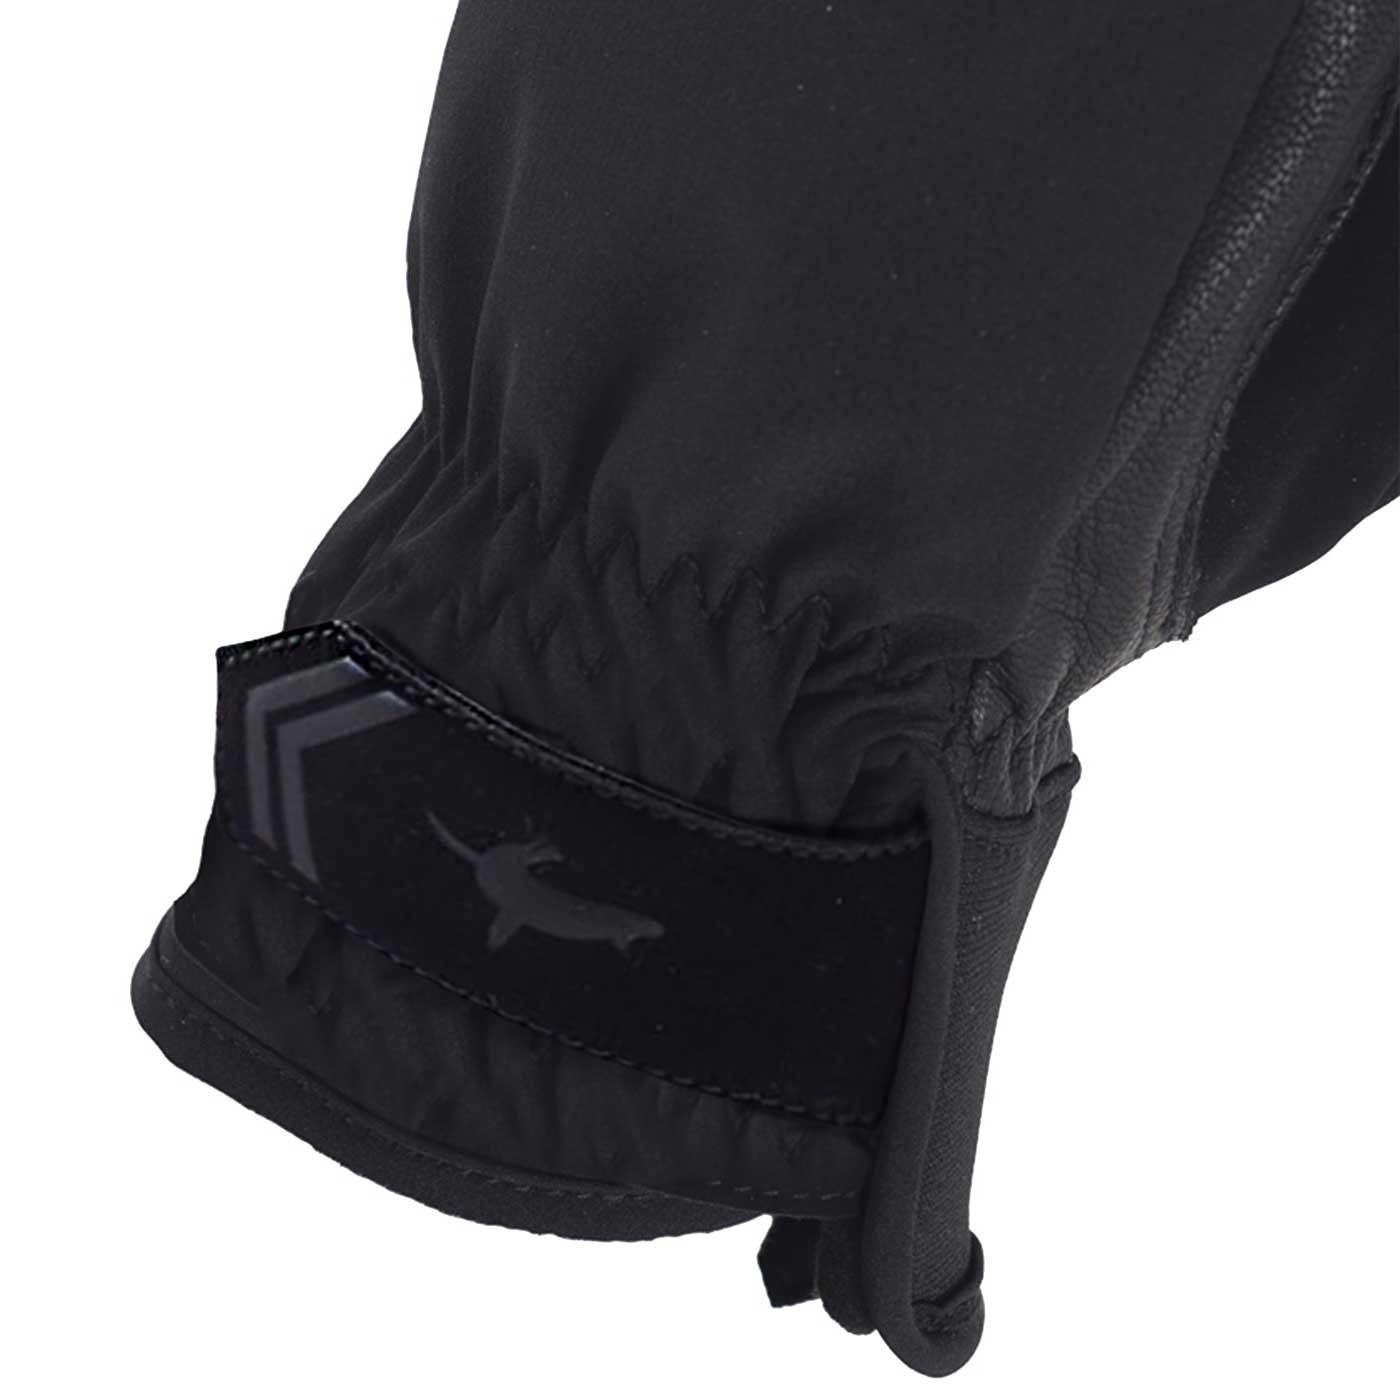 Sealskinz All Season Waterproof Men's Gloves - Black/Charcoal - tab